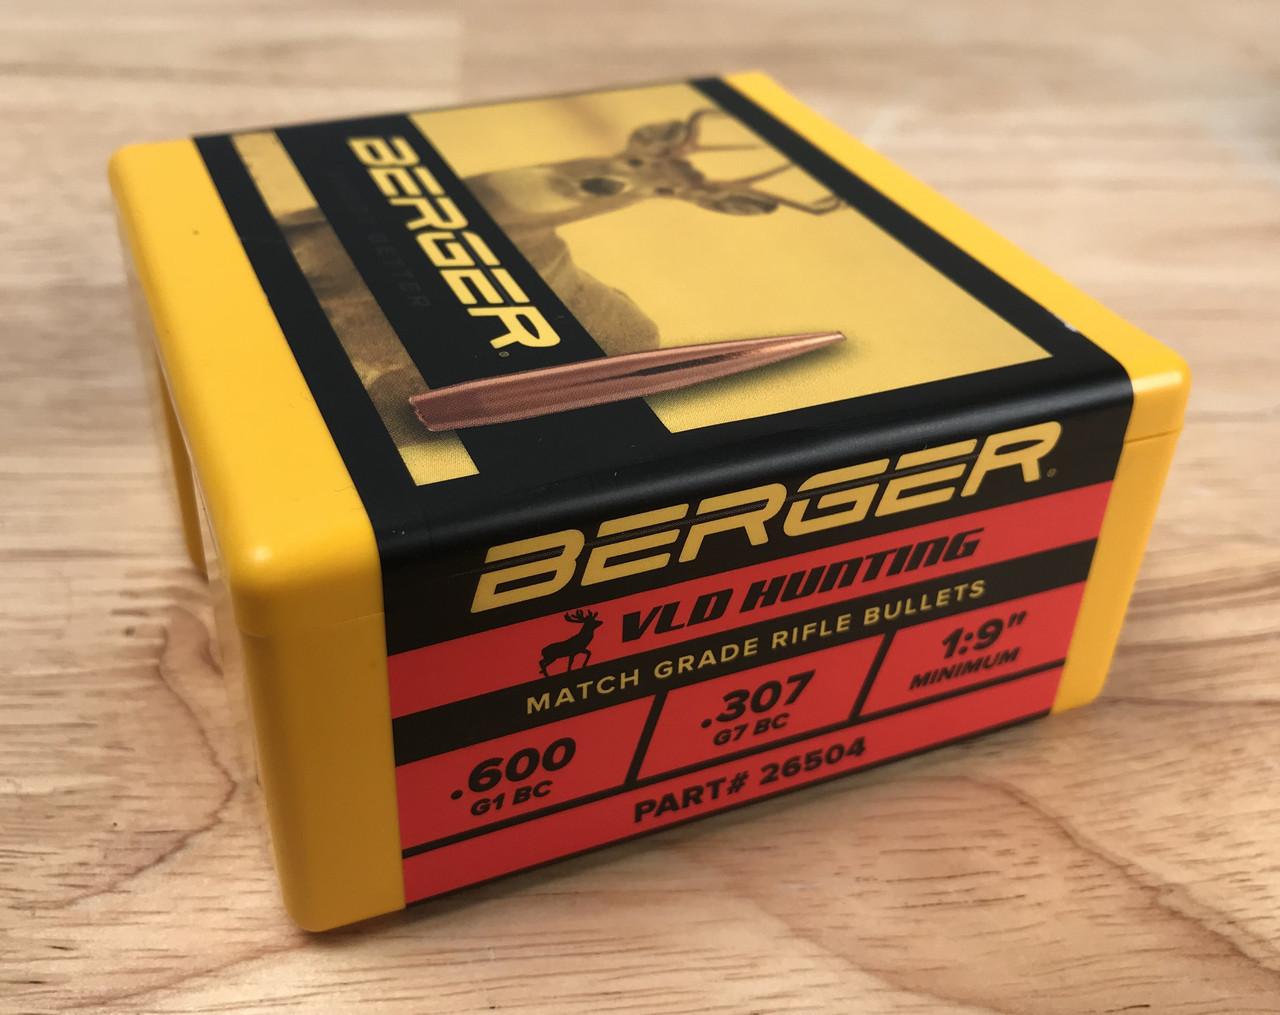 140 Grain VLD 264 Caliber, 6 5mm ( 264 Diameter) Berger Hunting Bullets  (Box of 100)